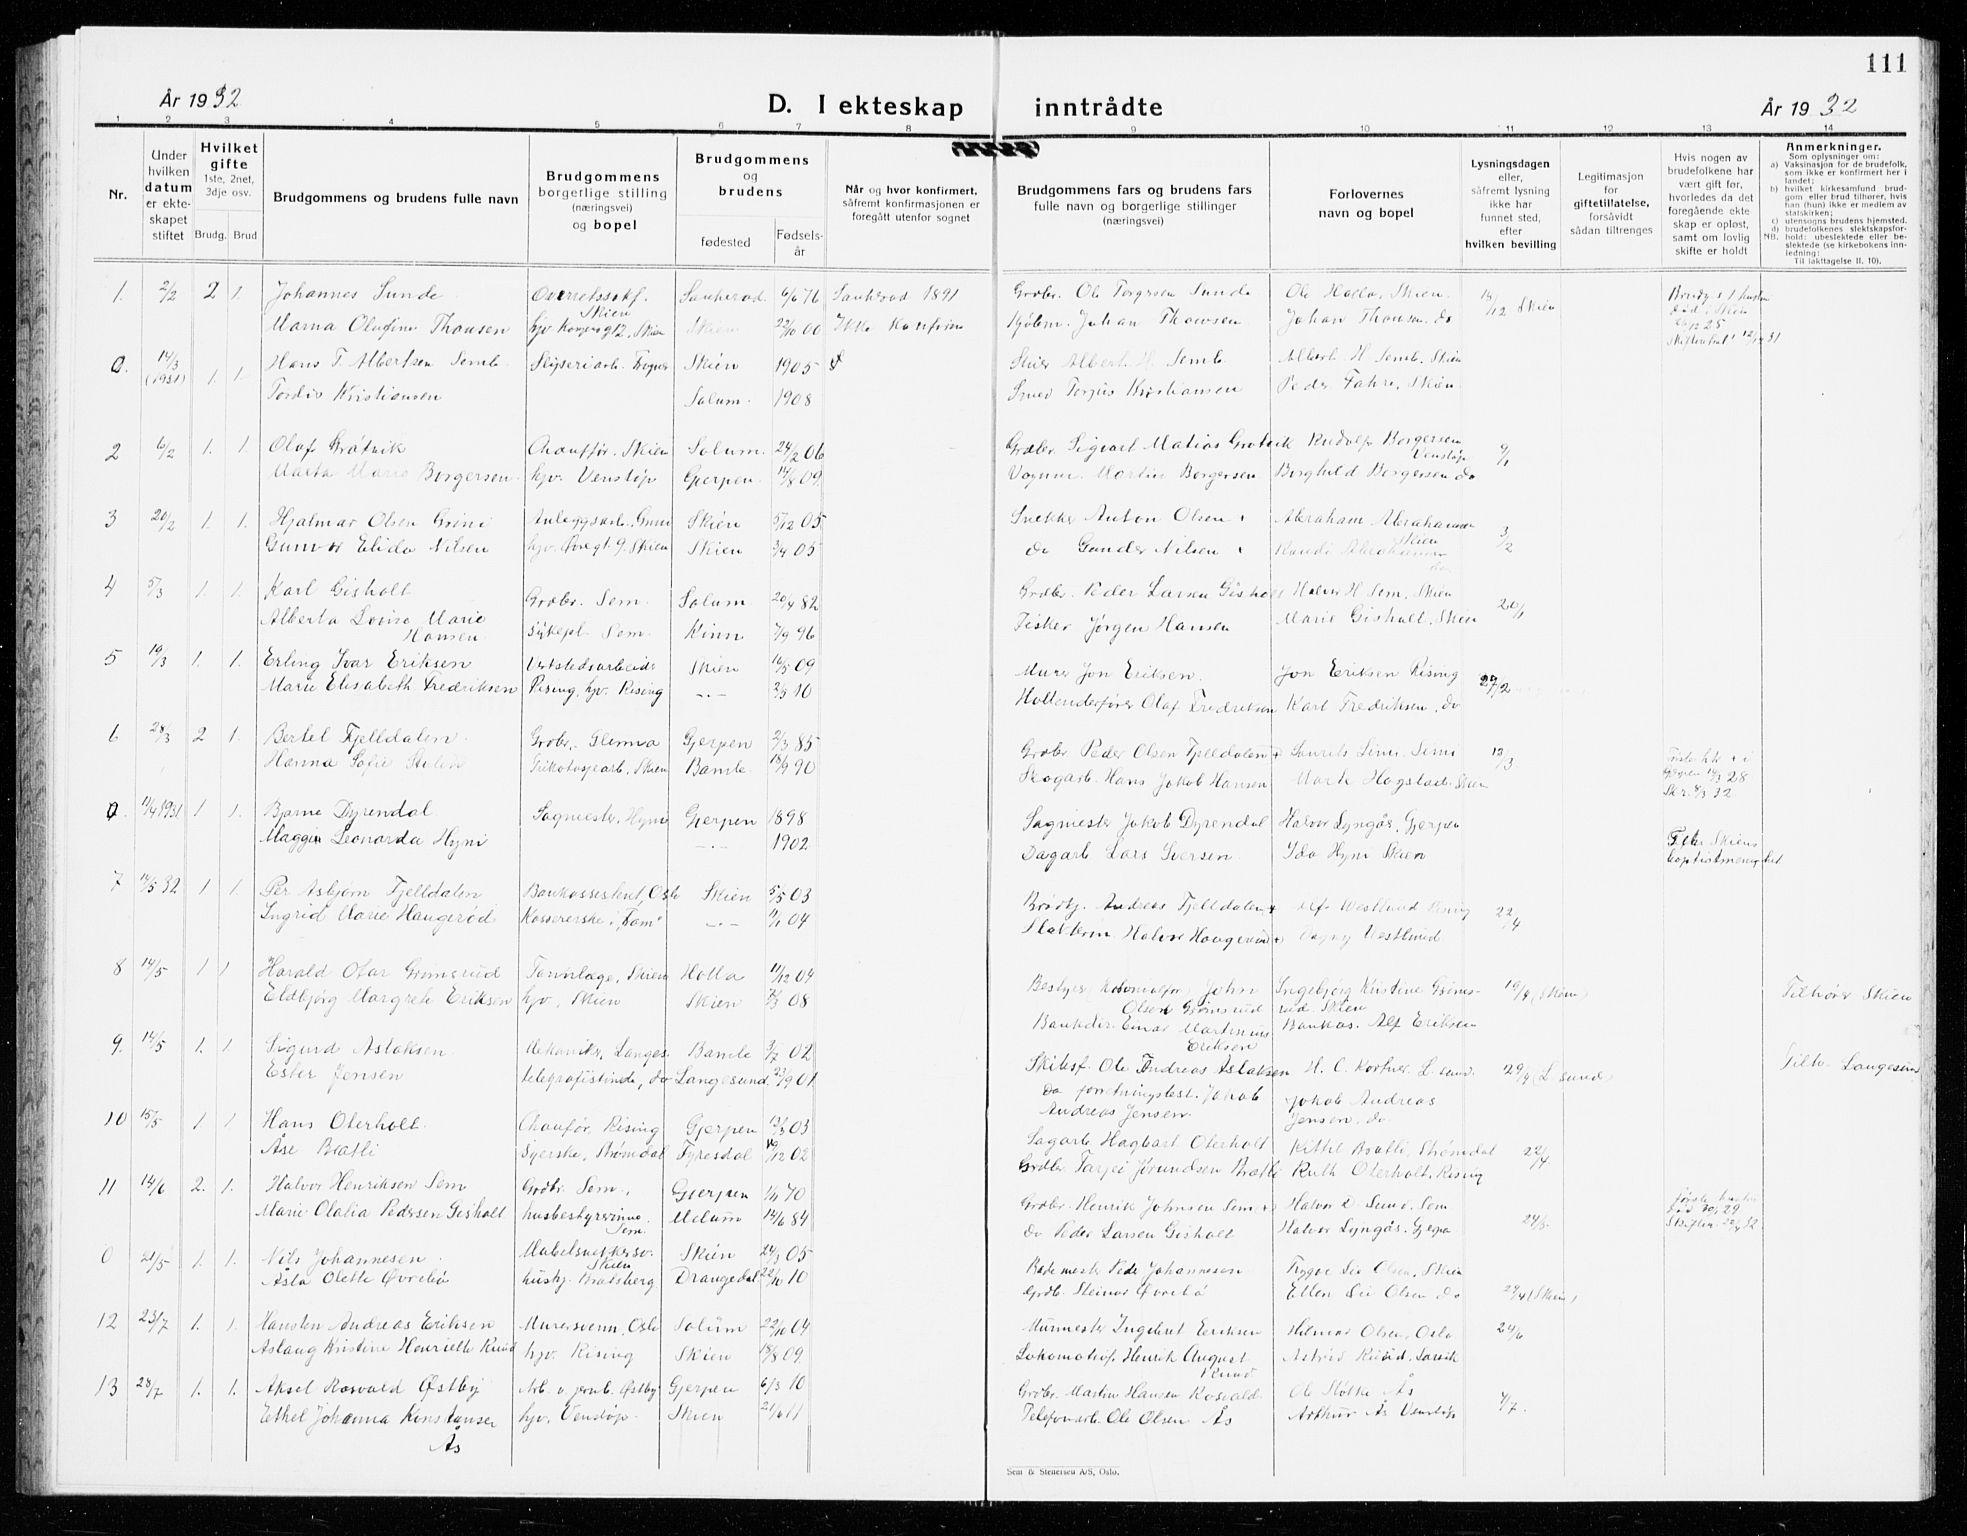 SAKO, Gjerpen kirkebøker, G/Ga/L0005: Klokkerbok nr. I 5, 1932-1940, s. 111